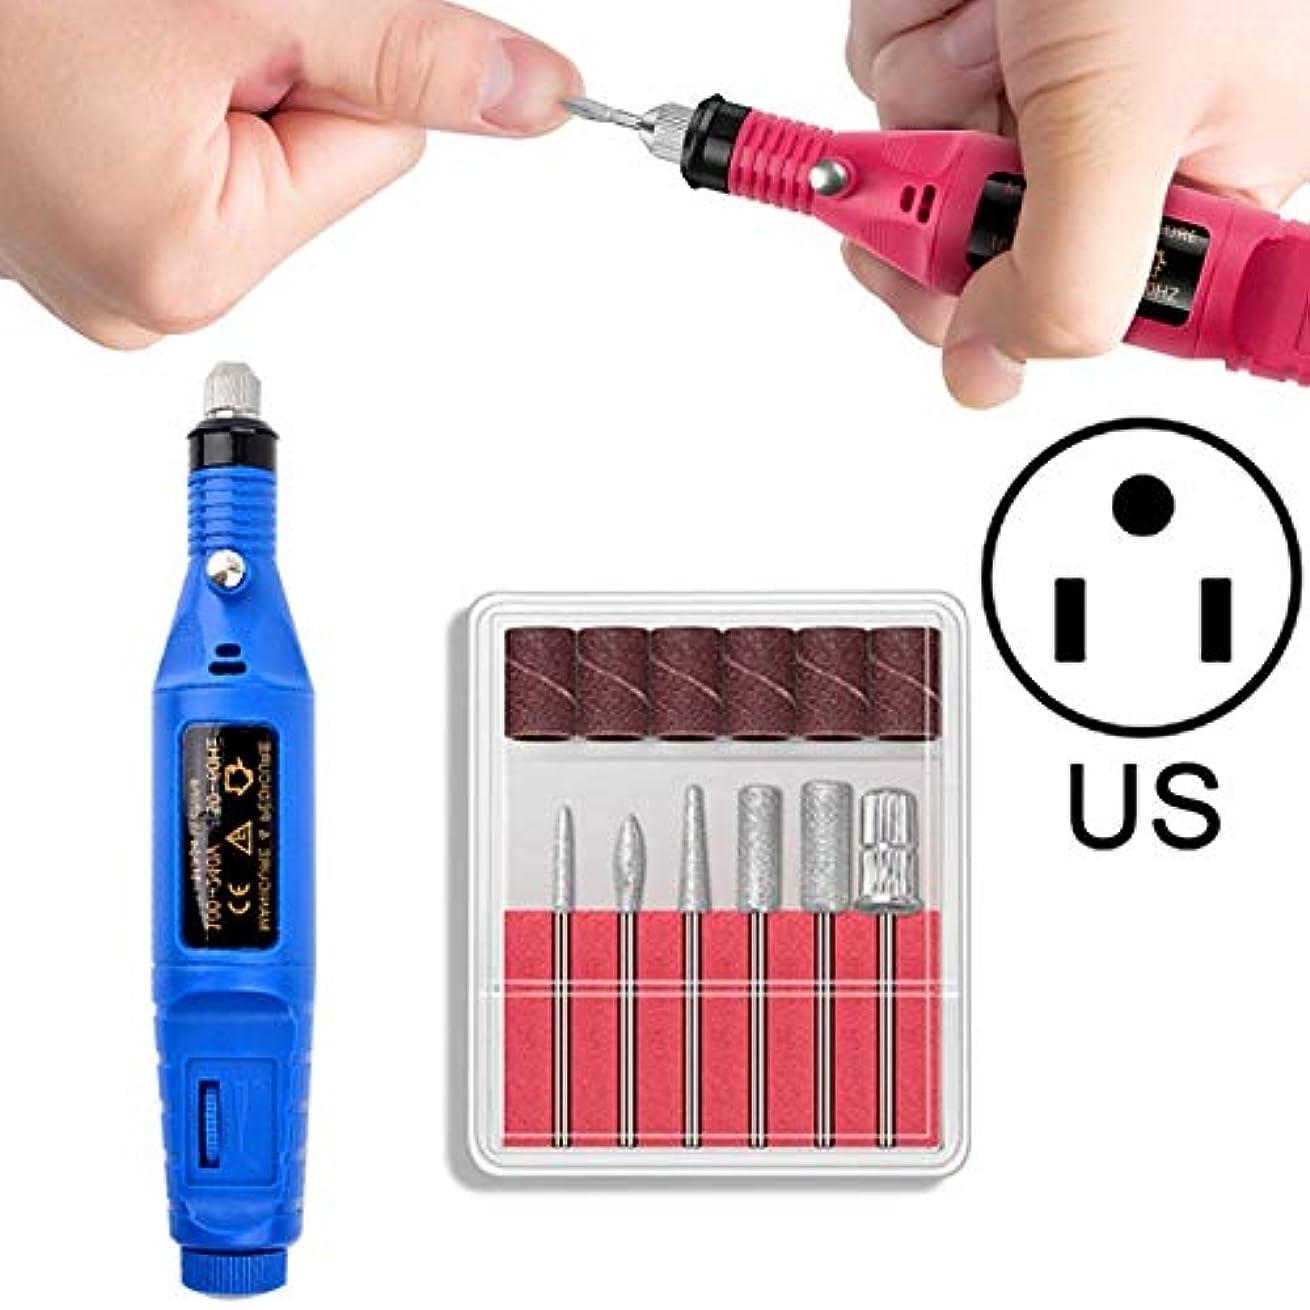 クロニクル店主生産性Yan 電動ネイルキットネイルのヒントマニキュア機電動ネイルアートペン(EUブラック) (色 : US Blue)